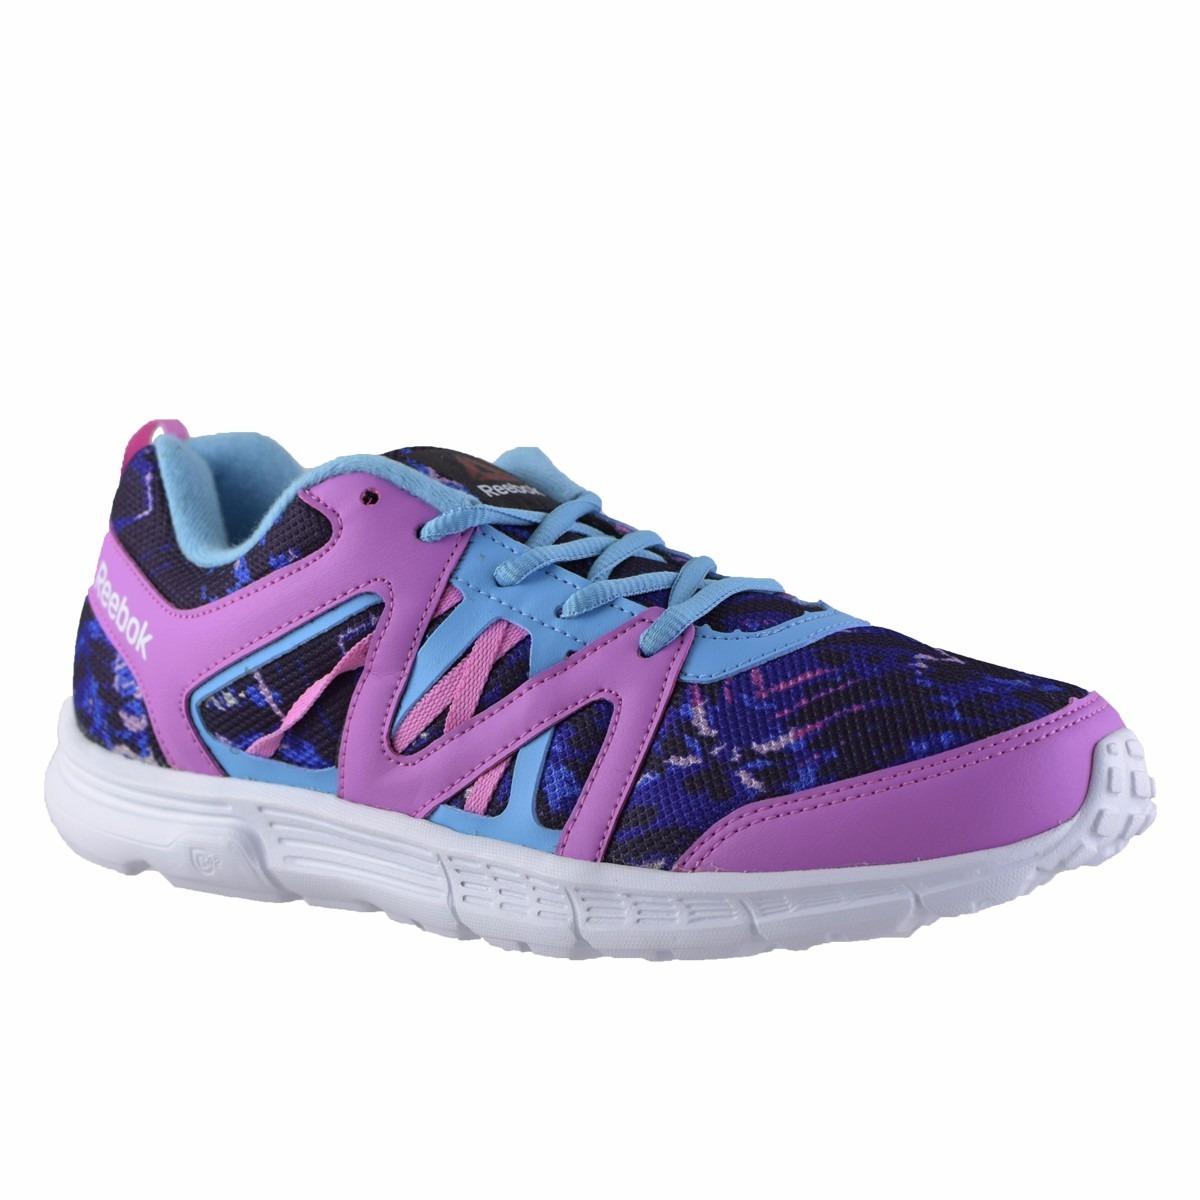 823bf477c3809 zapatillas reebok speedlux mujer lila. Cargando zoom.